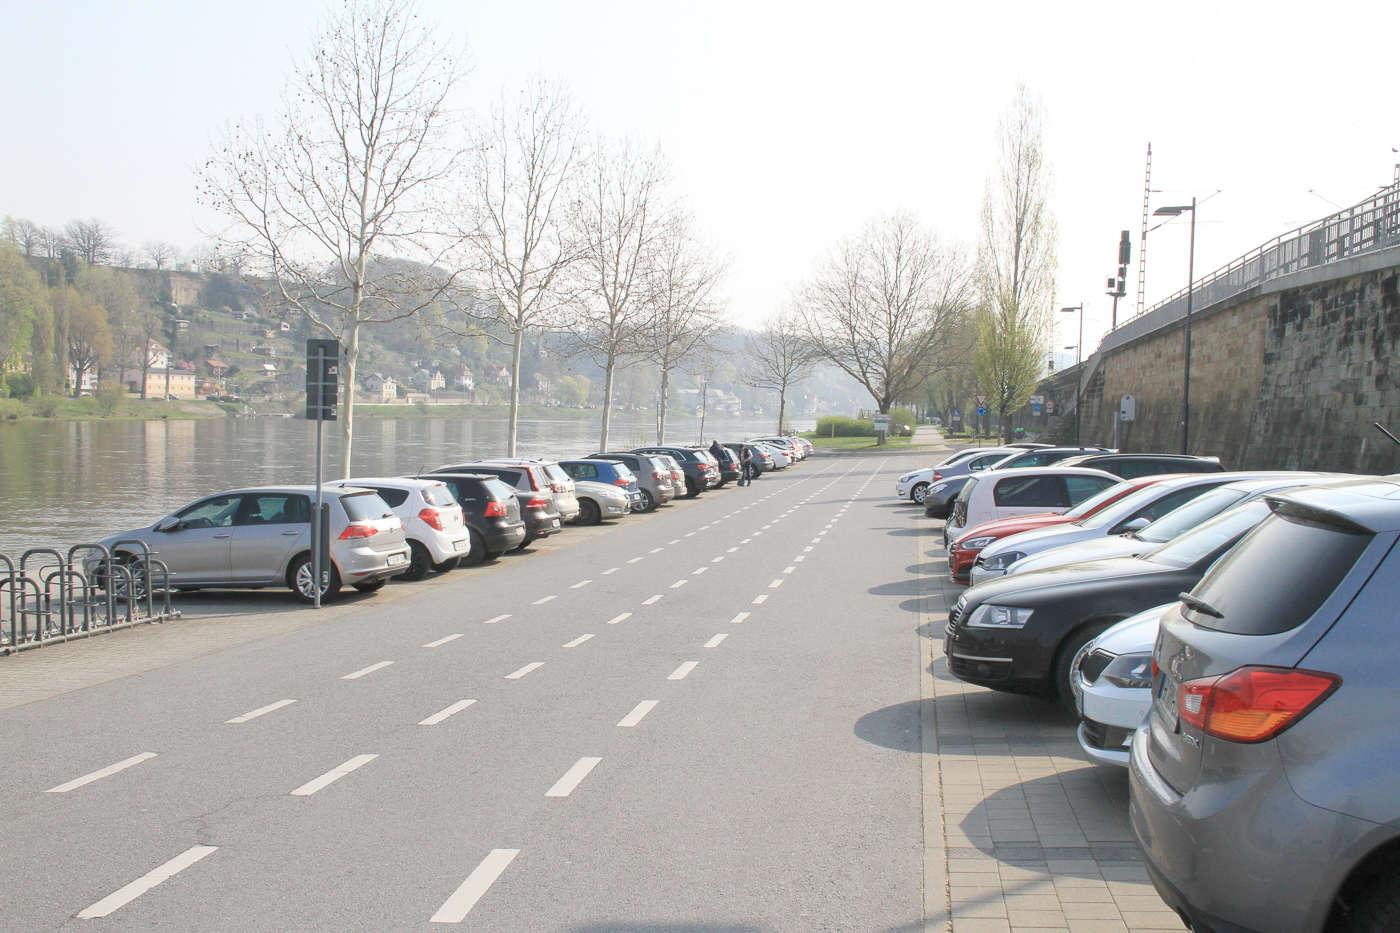 parkplatz-elbe1